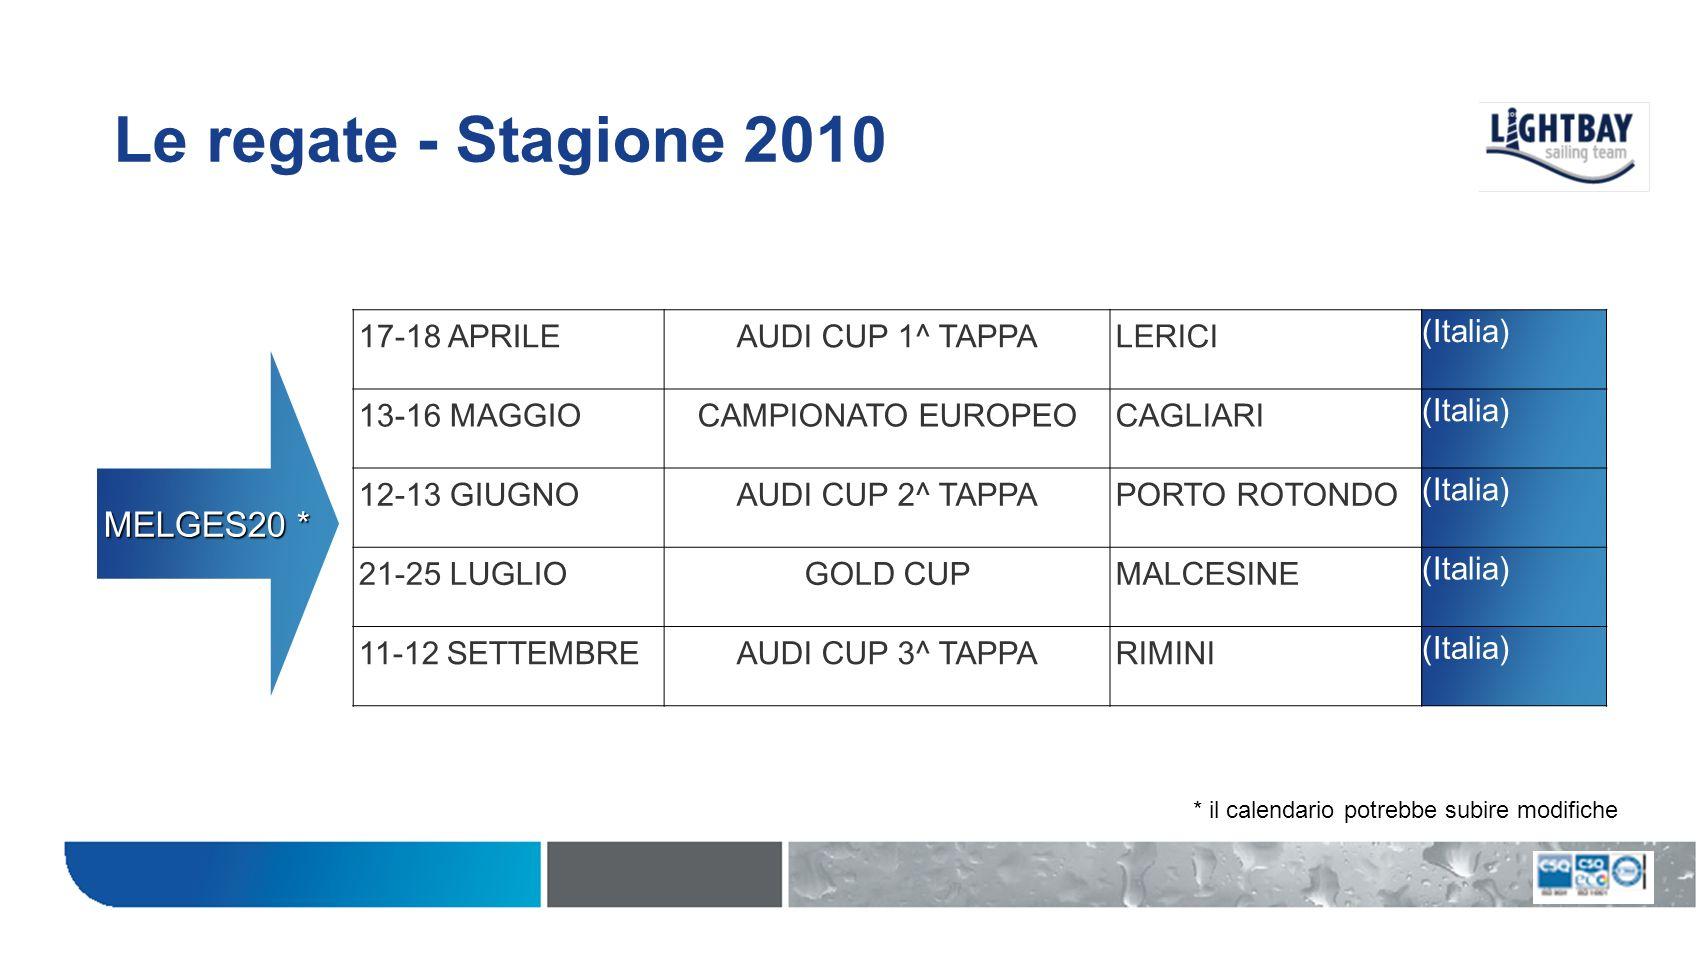 Le regate - Stagione 2010 5-11 LUGLIOCAMPIONATO EUROPEOCAGLIARI(ITALIA) 1-7 AGOSTOCOPPA DEL REPALLMA DE MALLORCA(SPAGNA) 23-28 AGOSTOCAMPIONATO ITALIANOLIVORNO(ITALIA) ORC 45* * il calendario potrebbe subire modifiche